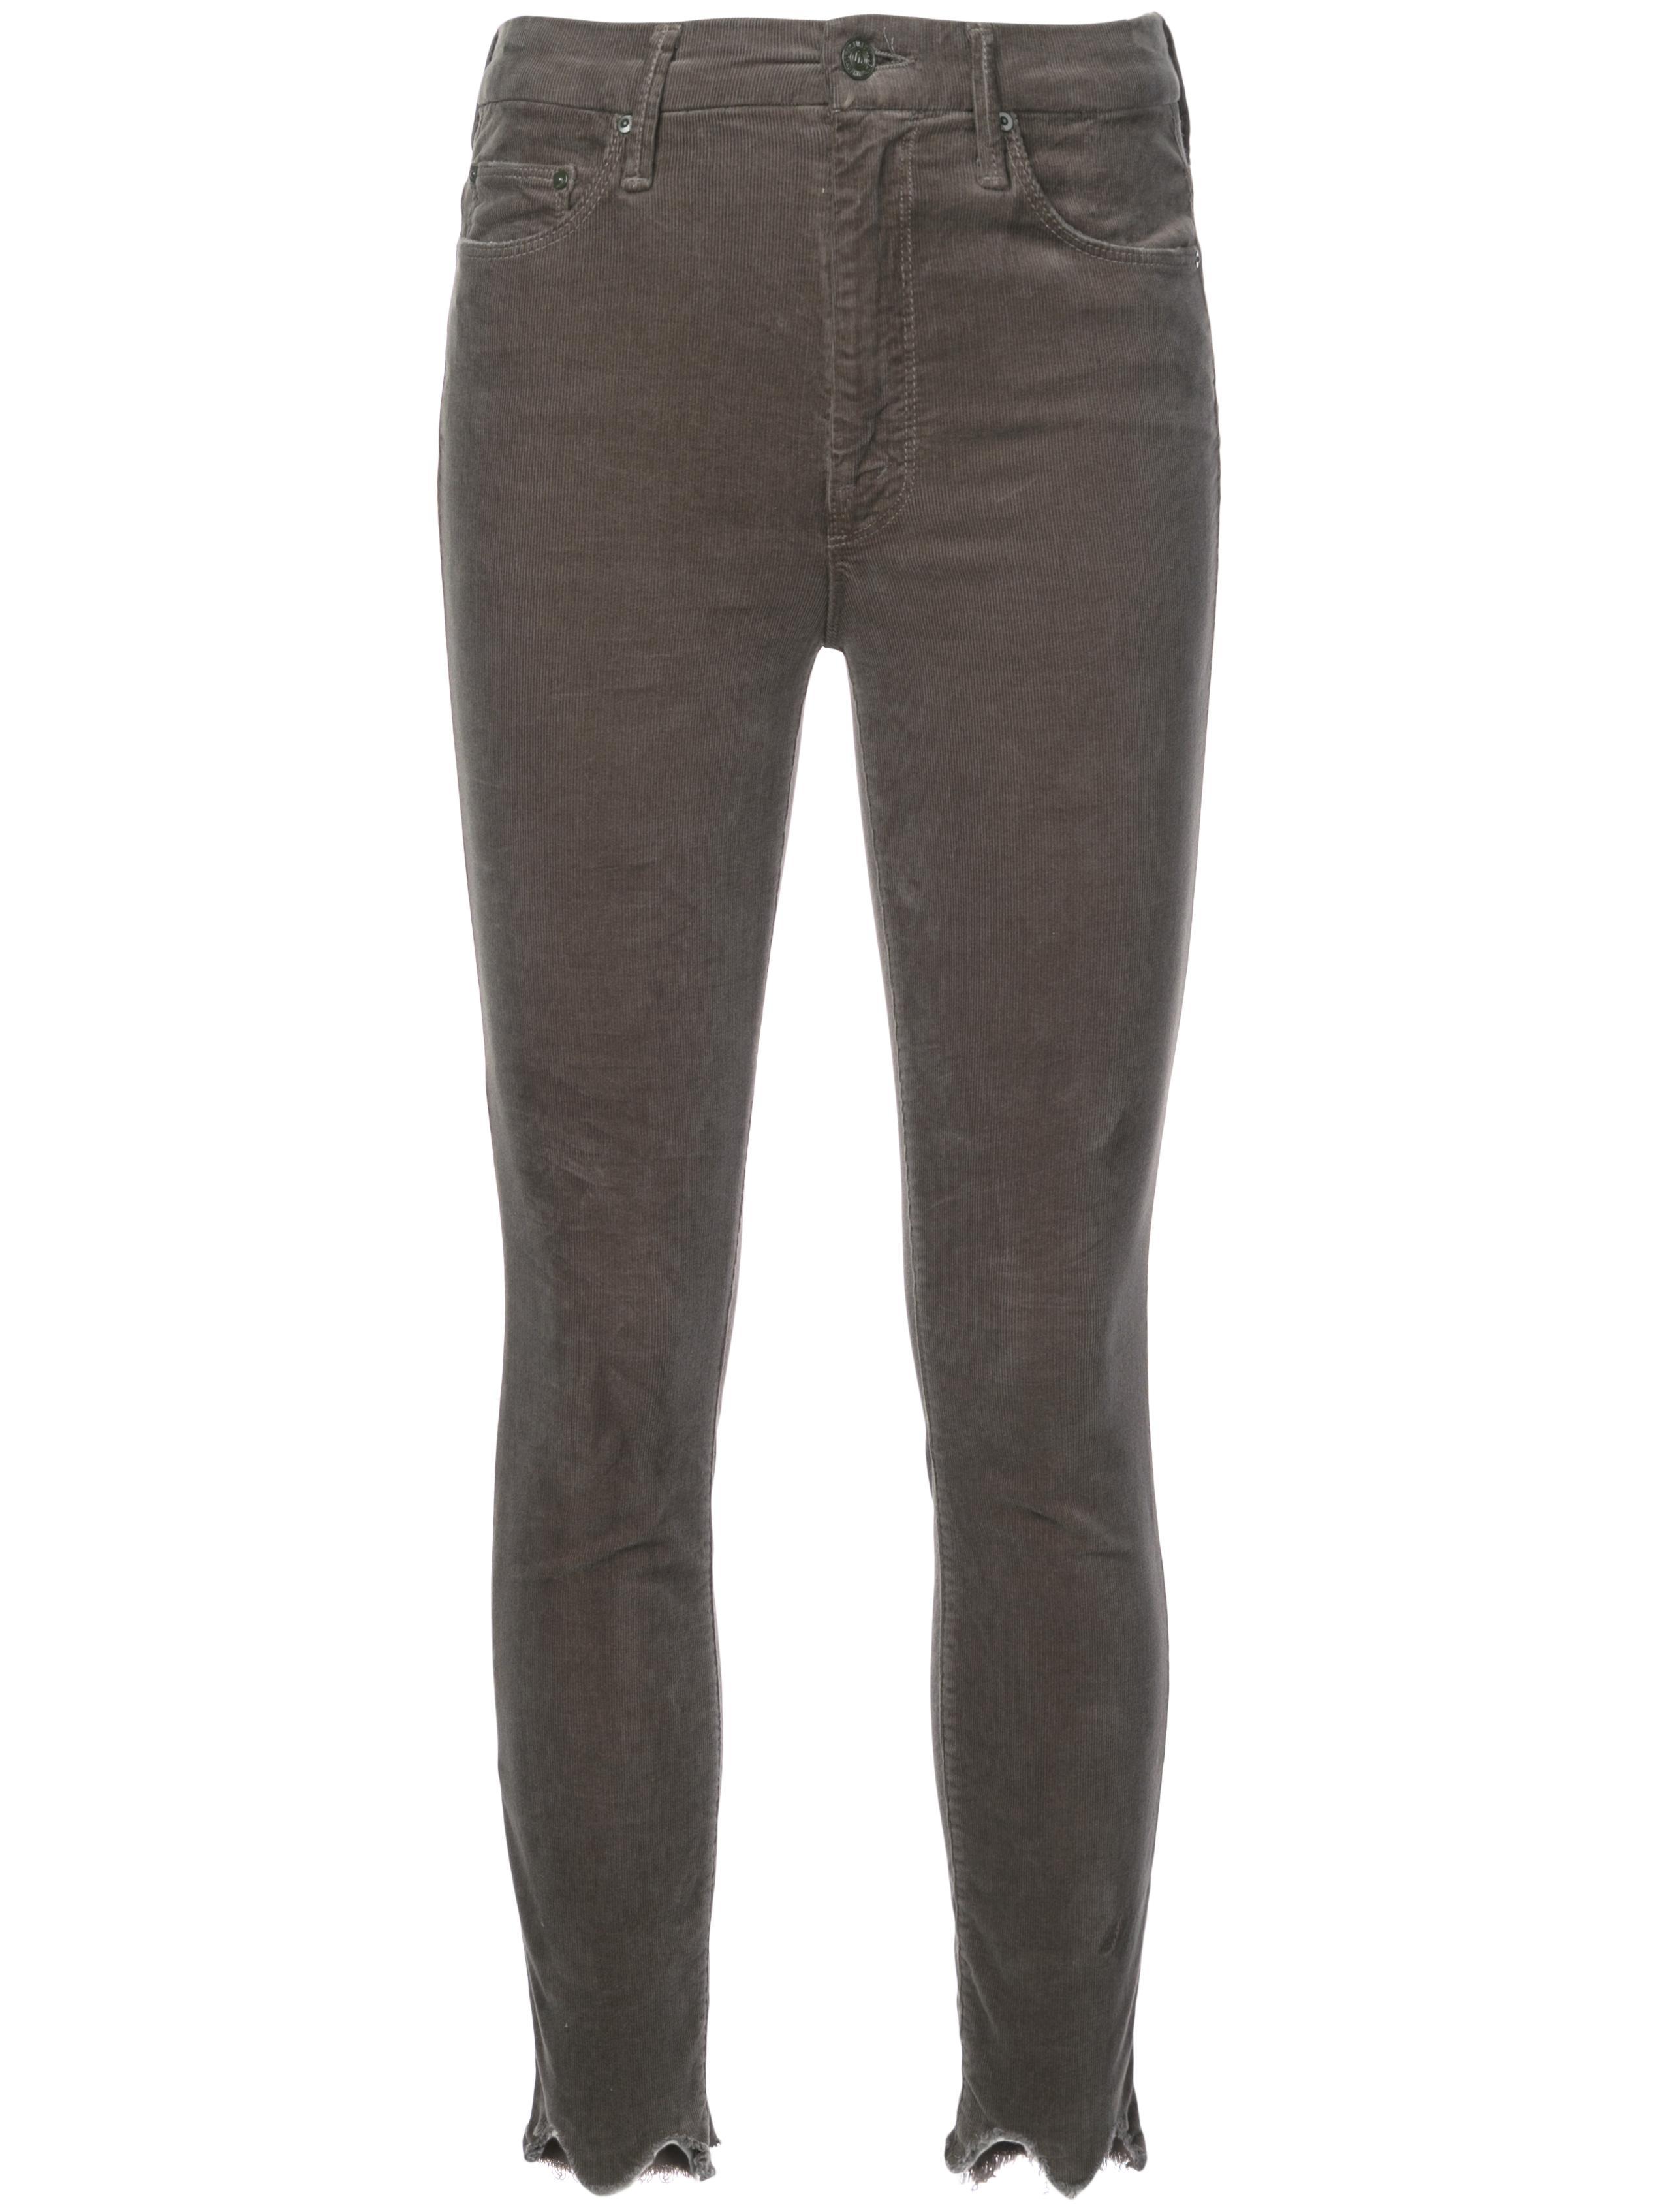 Velvet Cord High Waisted Looker Chew Pant Item # 1401-618